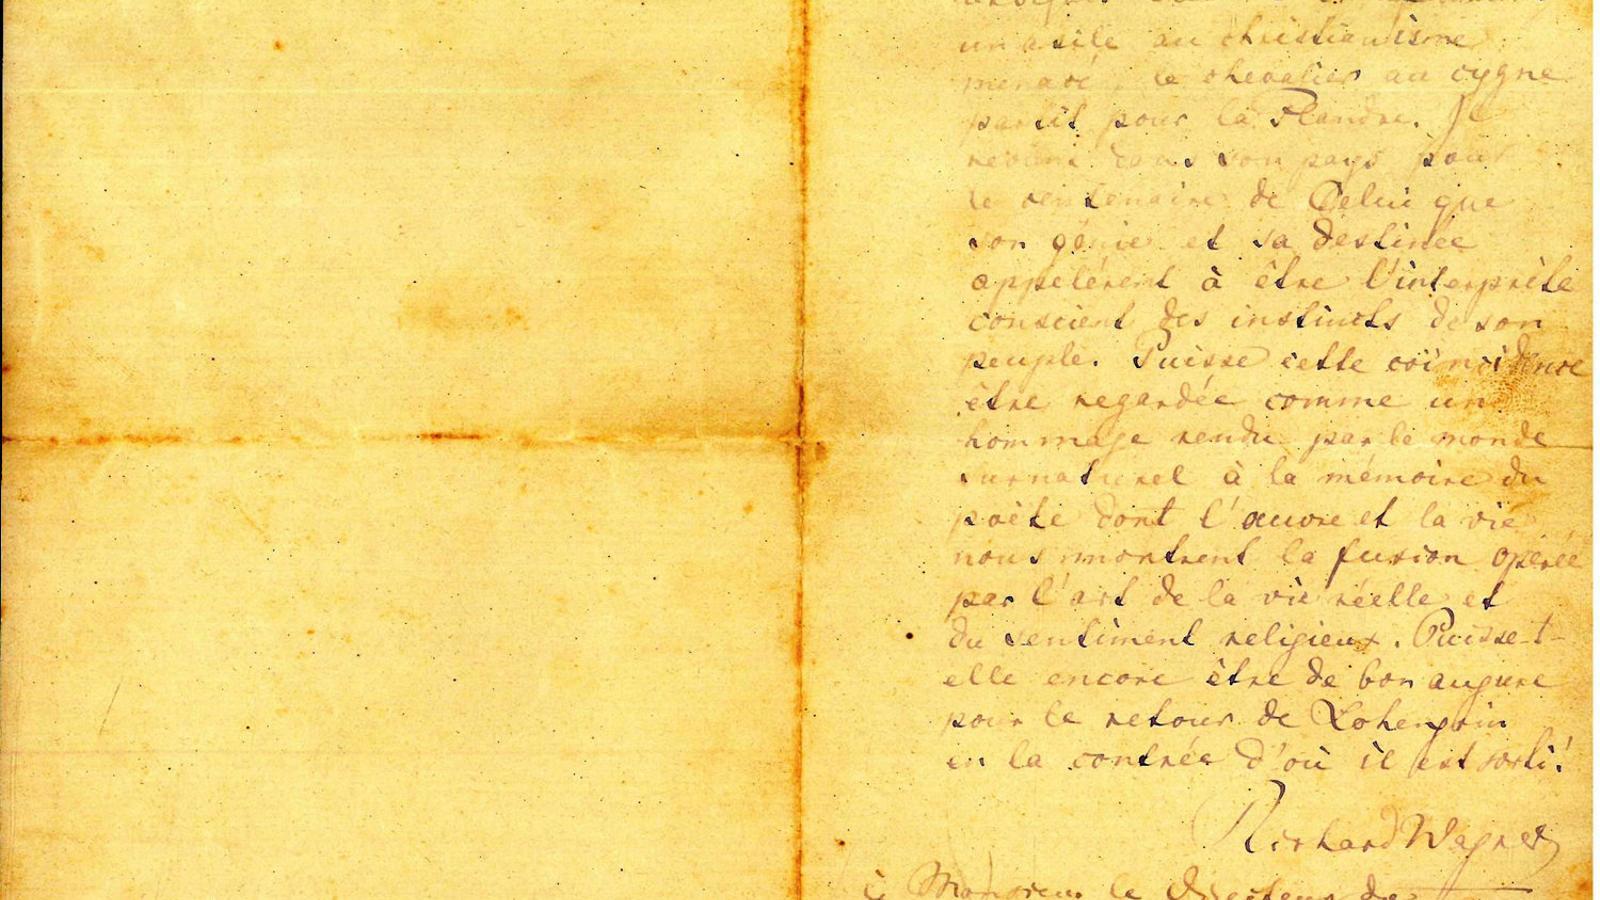 La carta autògrafa de Wagner ha estat donada a Montserrat. / MONESTIR DE MONTSERRAT